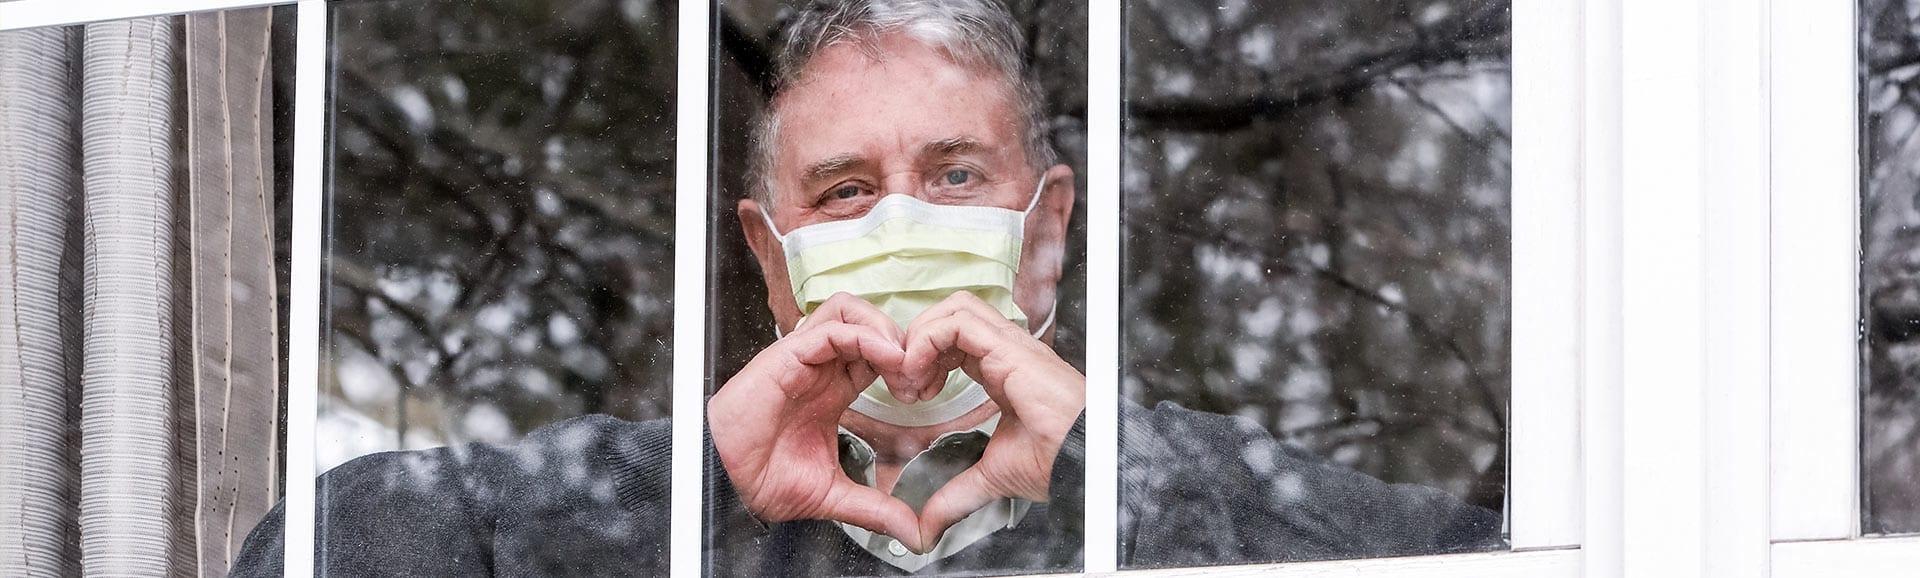 Rentner mit Maske steht in Corona Zeiten im Fenster und zeigt ein Herz